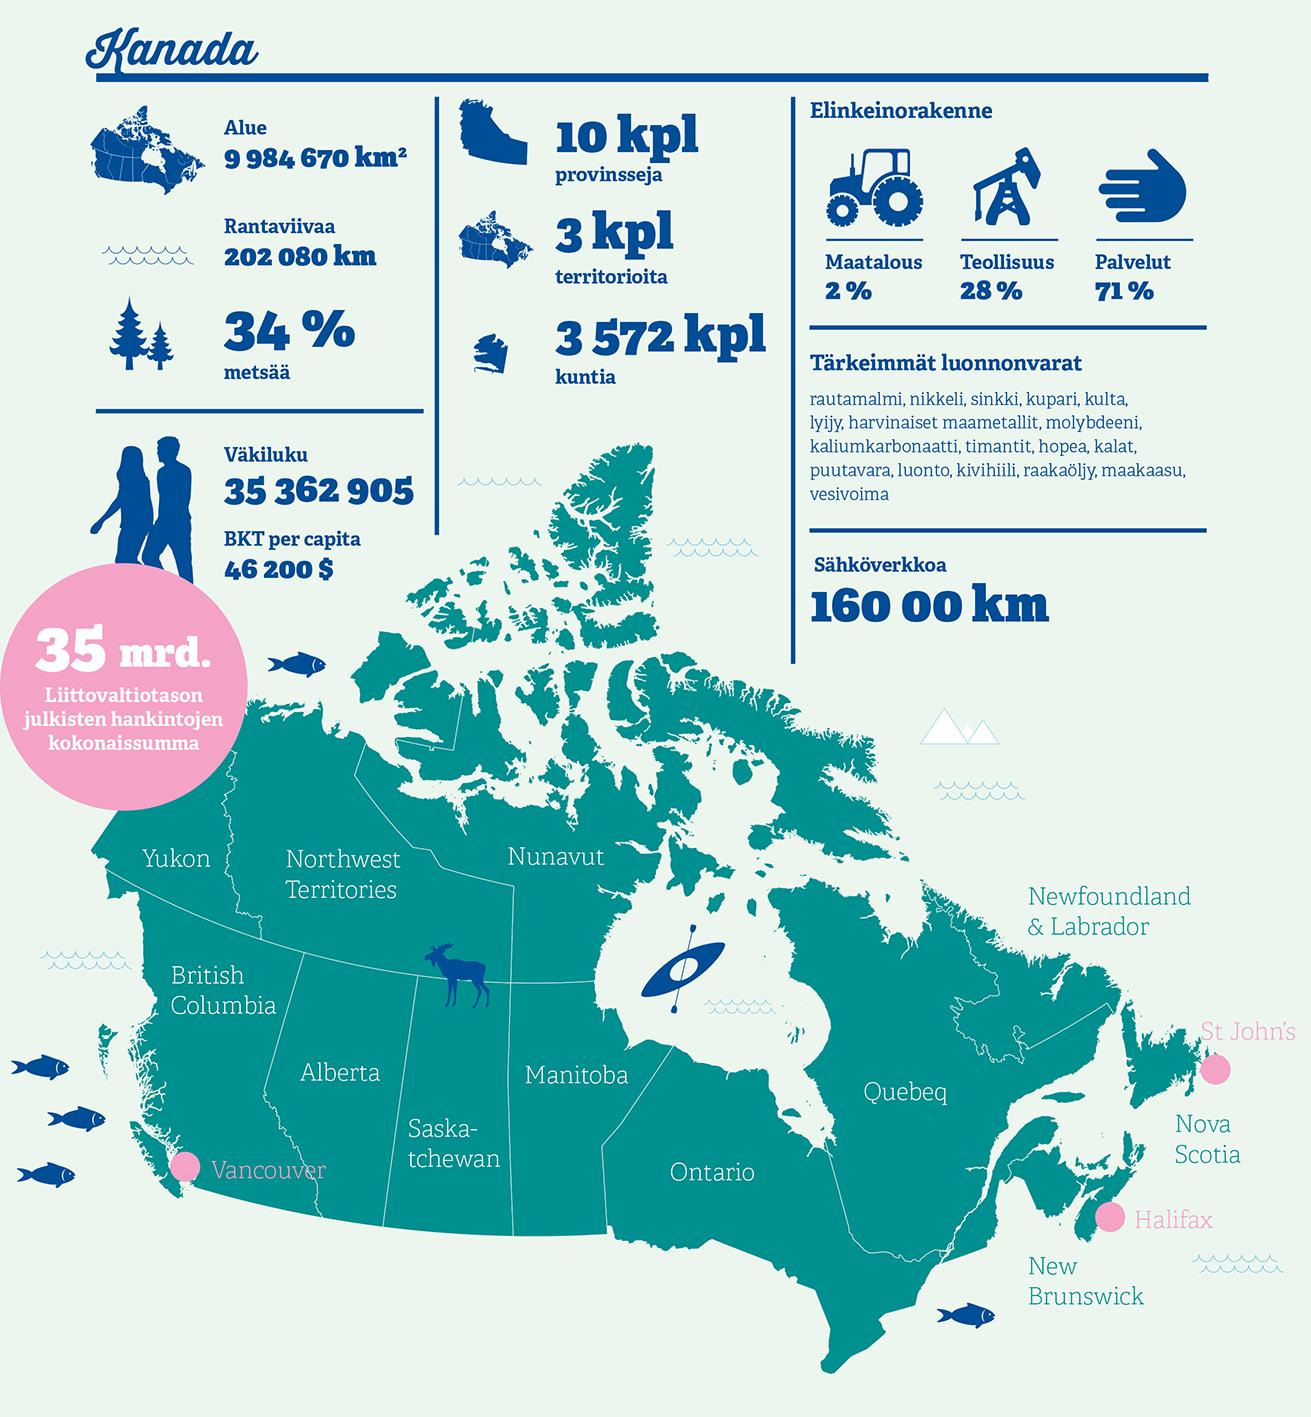 Kanada, kauppapolitiikka